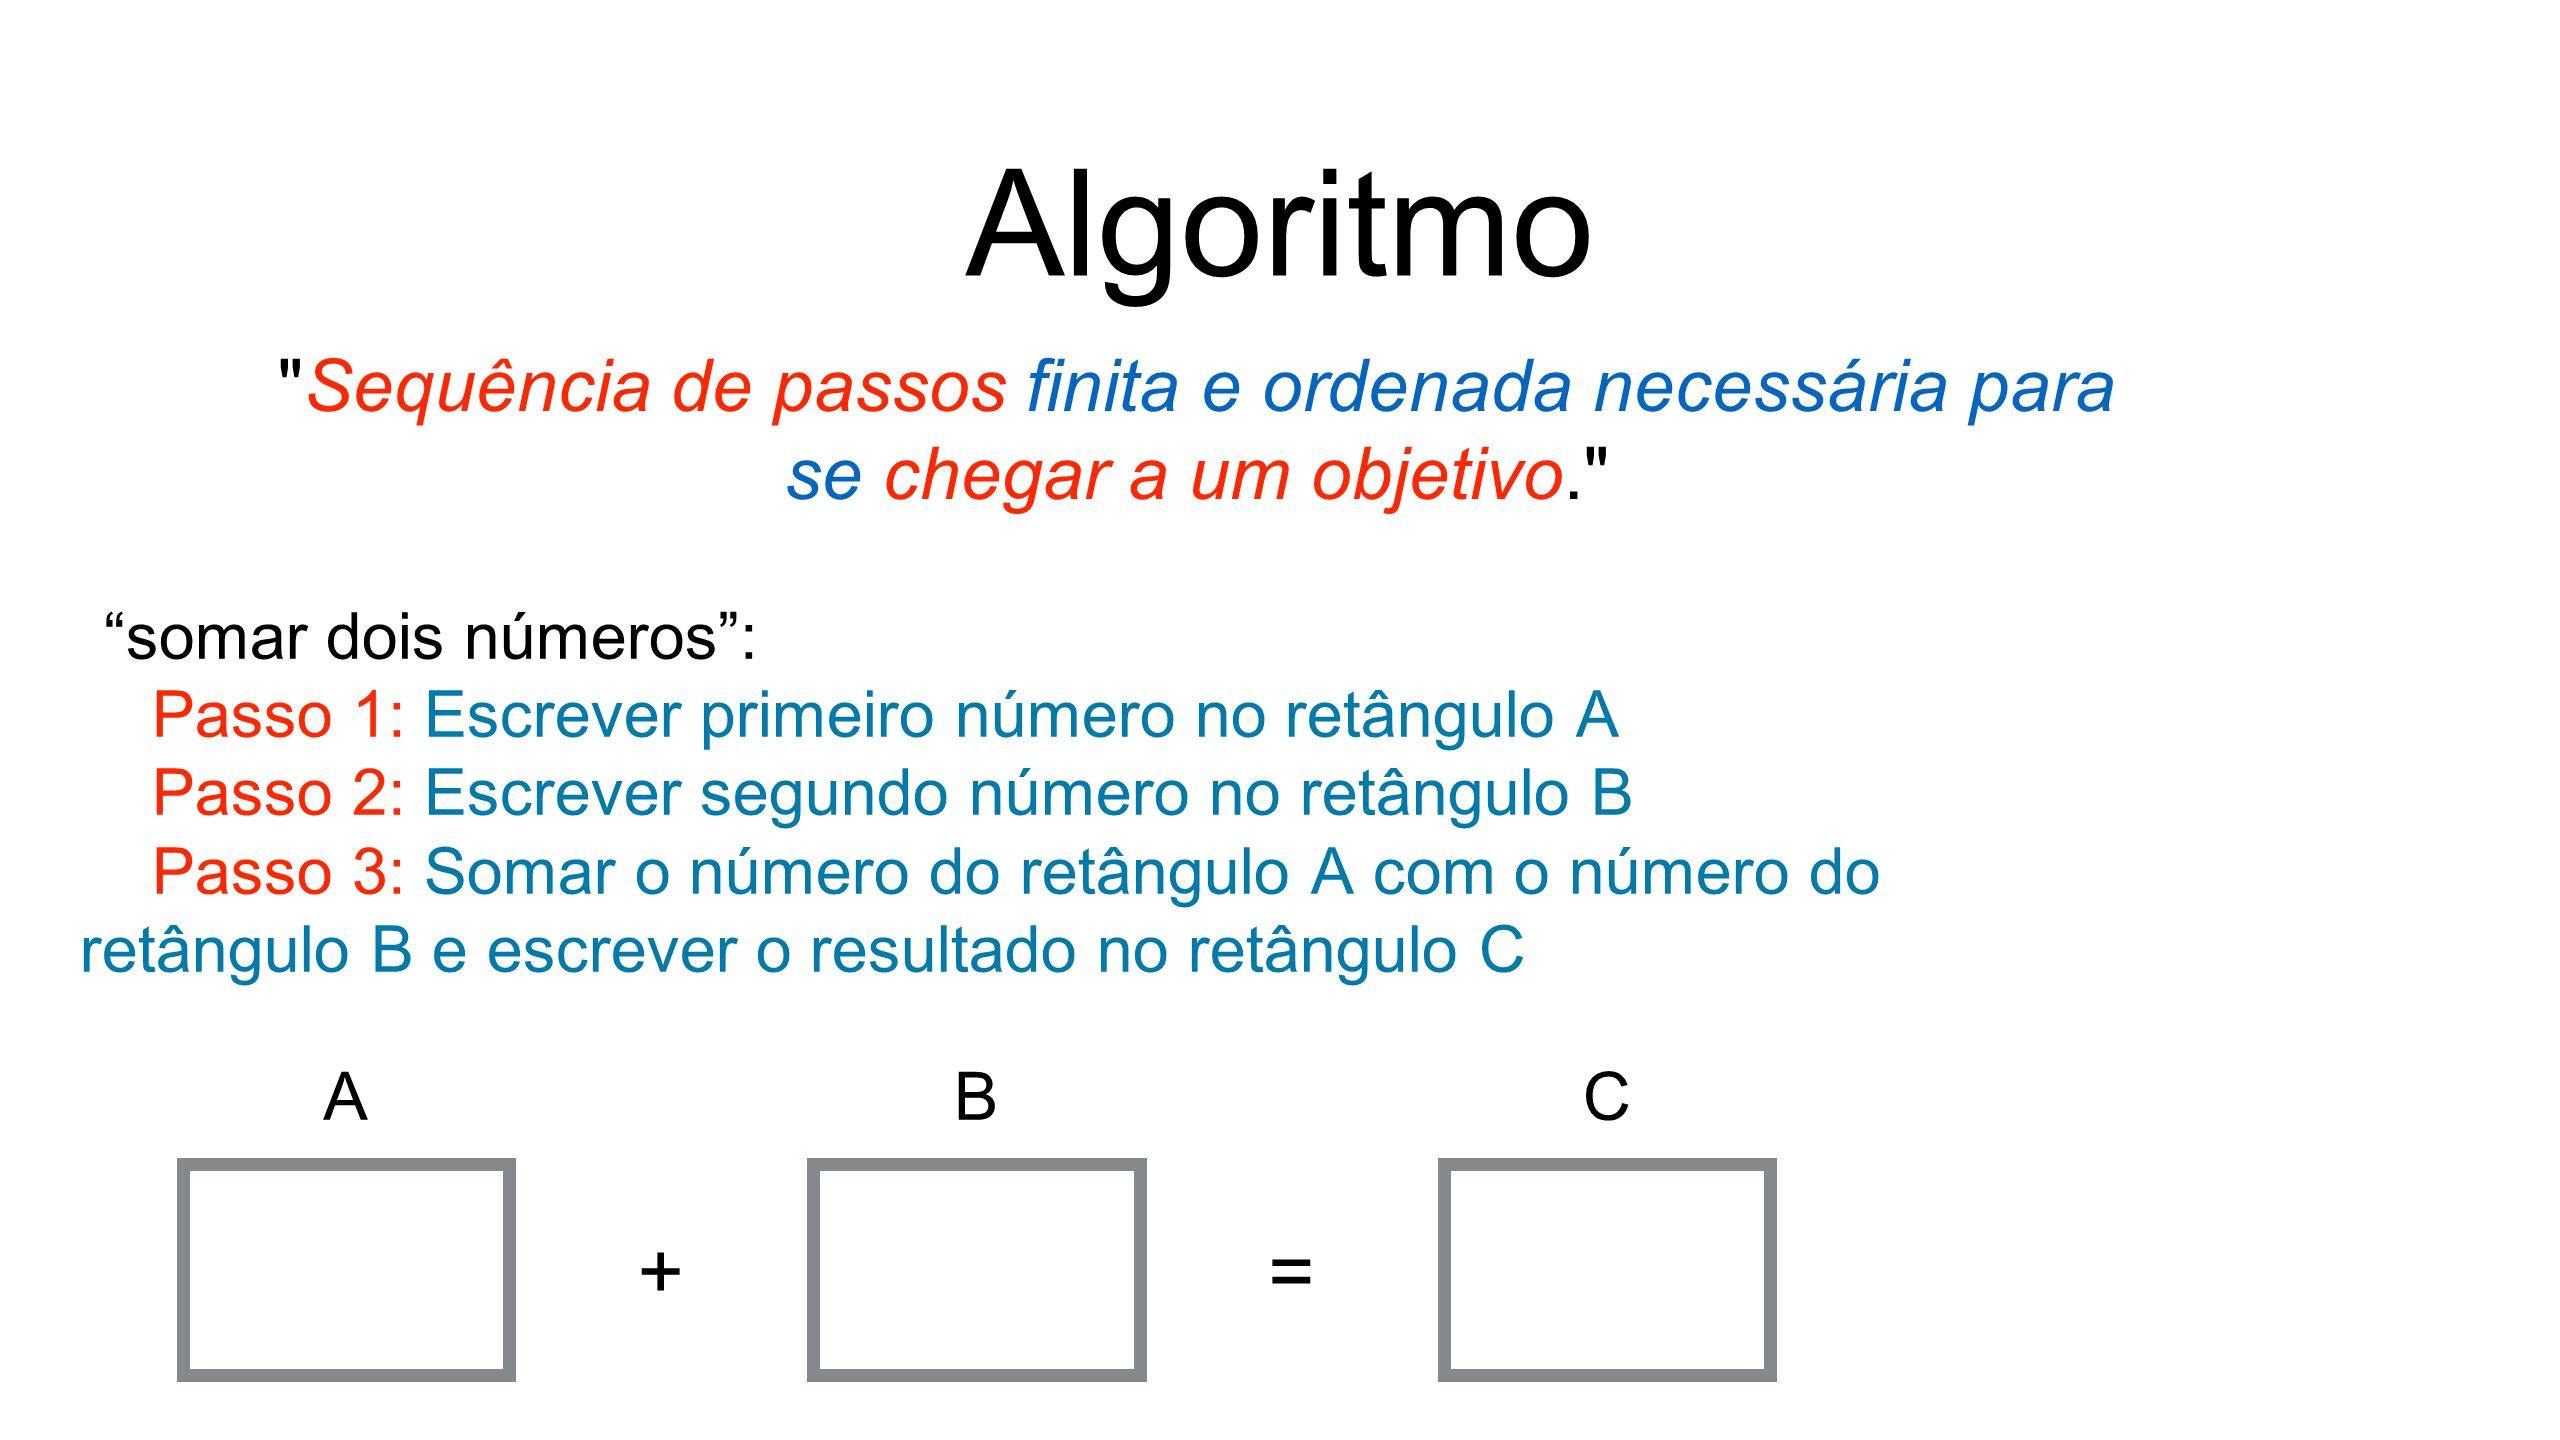 Algoritmo Sequência de passos finita e ordenada necessária para se chegar a um objetivo. somar dois números : Passo 1: Escrever primeiro número no retângulo A Passo 2: Escrever segundo número no retângulo B Passo 3: Somar o número do retângulo A com o número do retângulo B e escrever o resultado no retângulo C =+ ABC